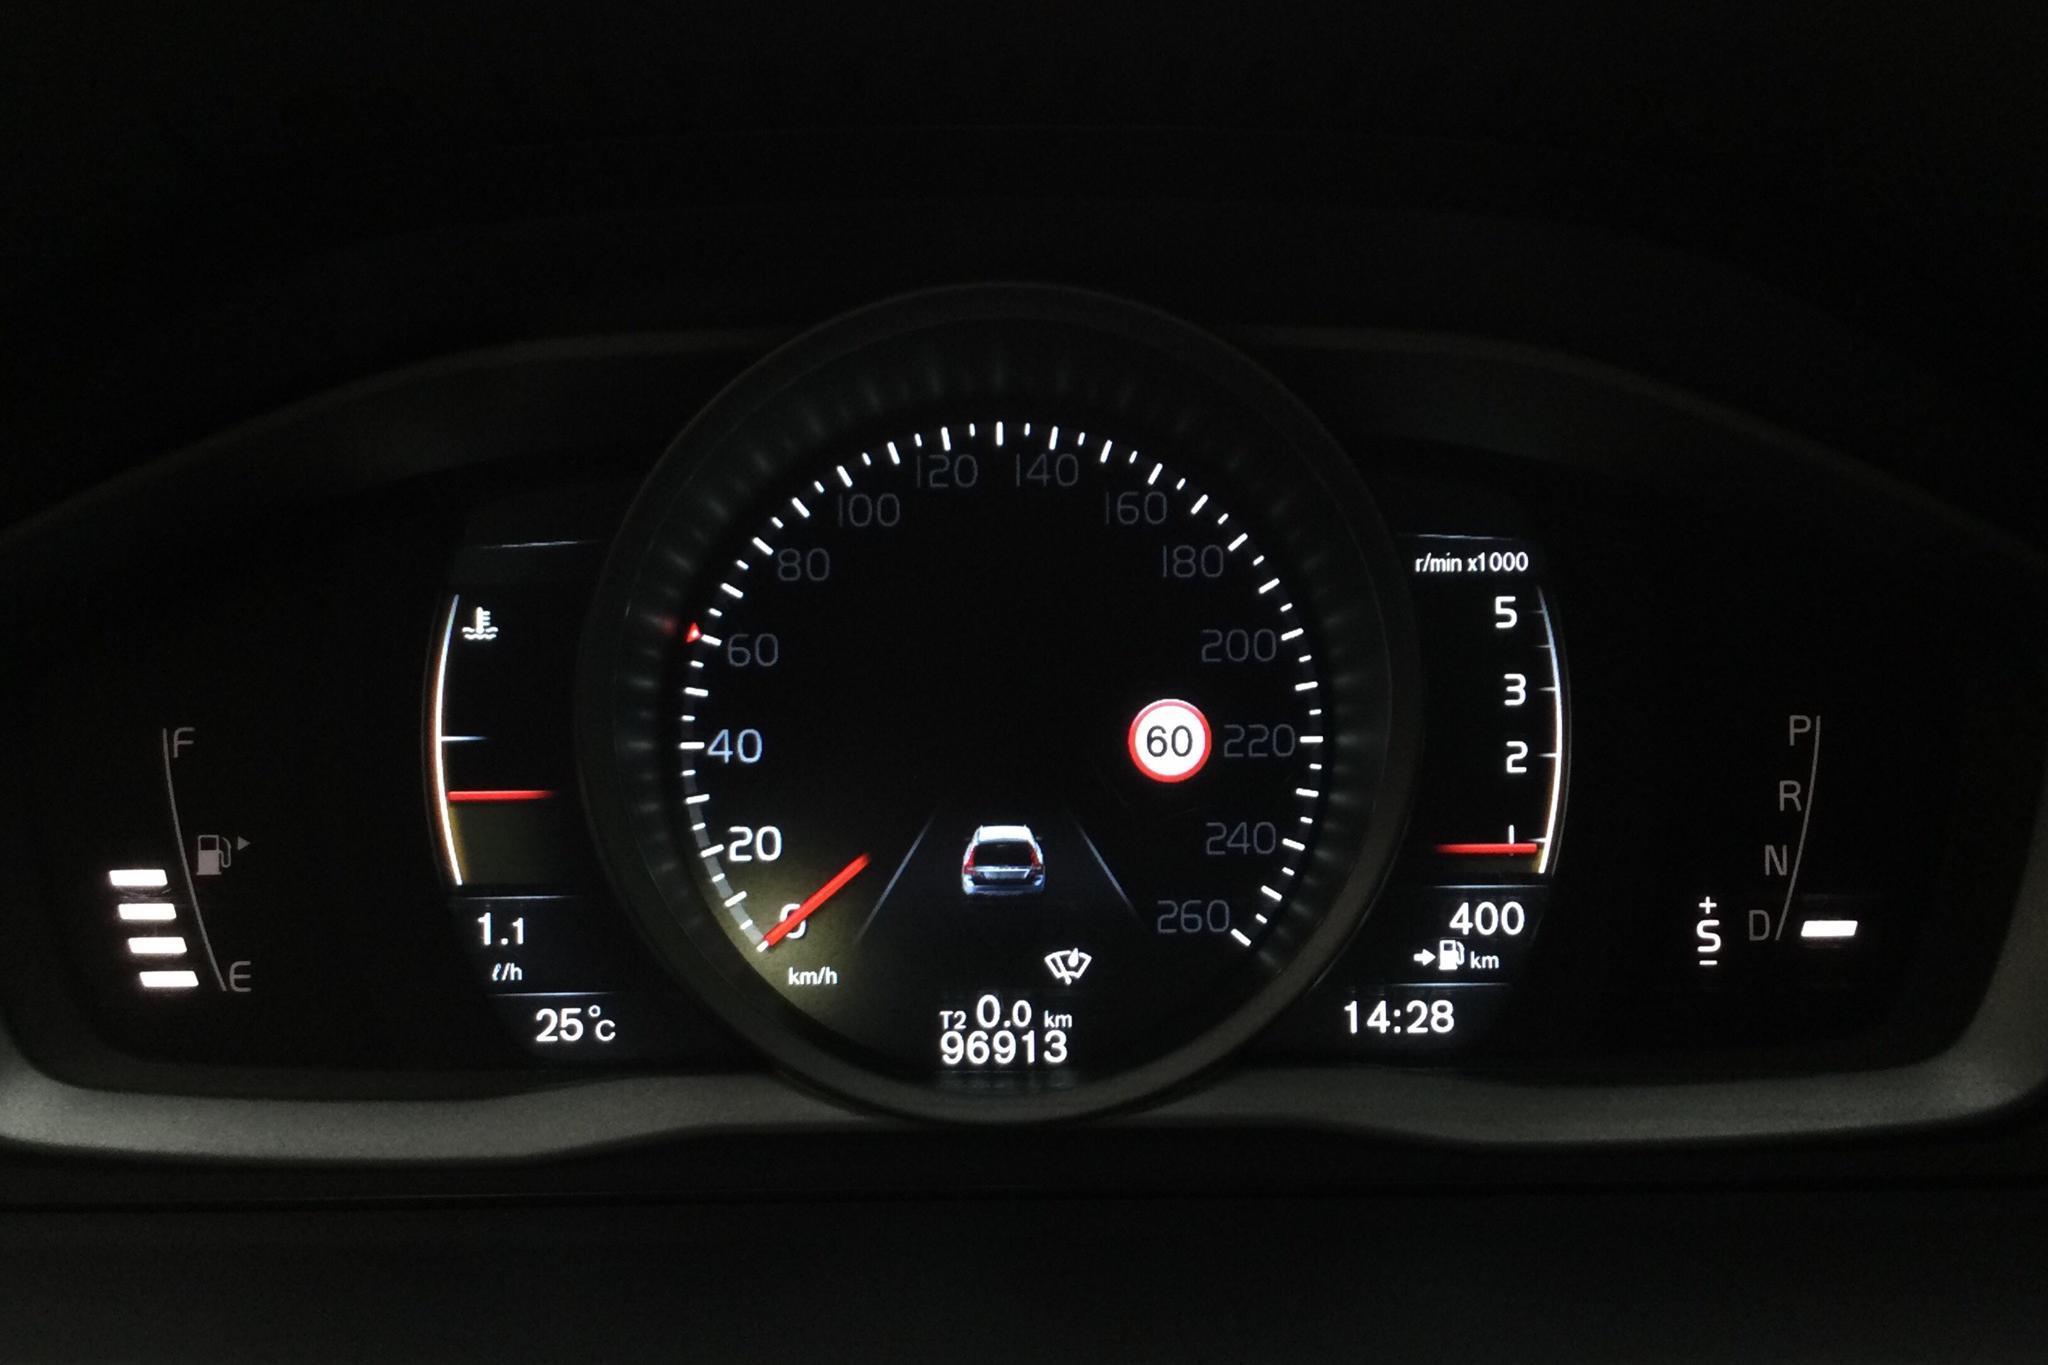 Volvo XC70 II D4 AWD (181hk) - 9 691 mil - Automat - Dark Blue - 2016